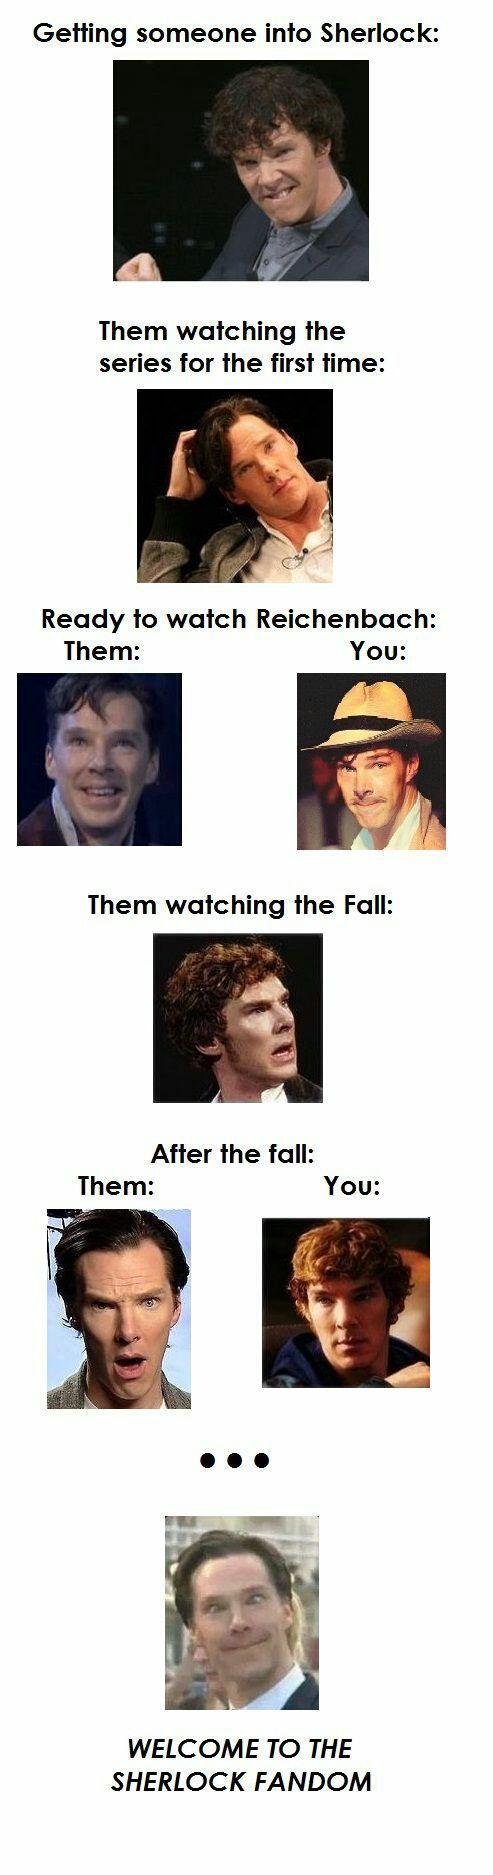 #wattpad #losowo Zbiór memów oraz śmiesznych obrazków z Sherlocka Mam ich mnóstwo na telefonie więc postanowiłam je tutaj umieścić  🌟🌟🌟 Okładka powstała przy pomocy @kartoflaszek💖